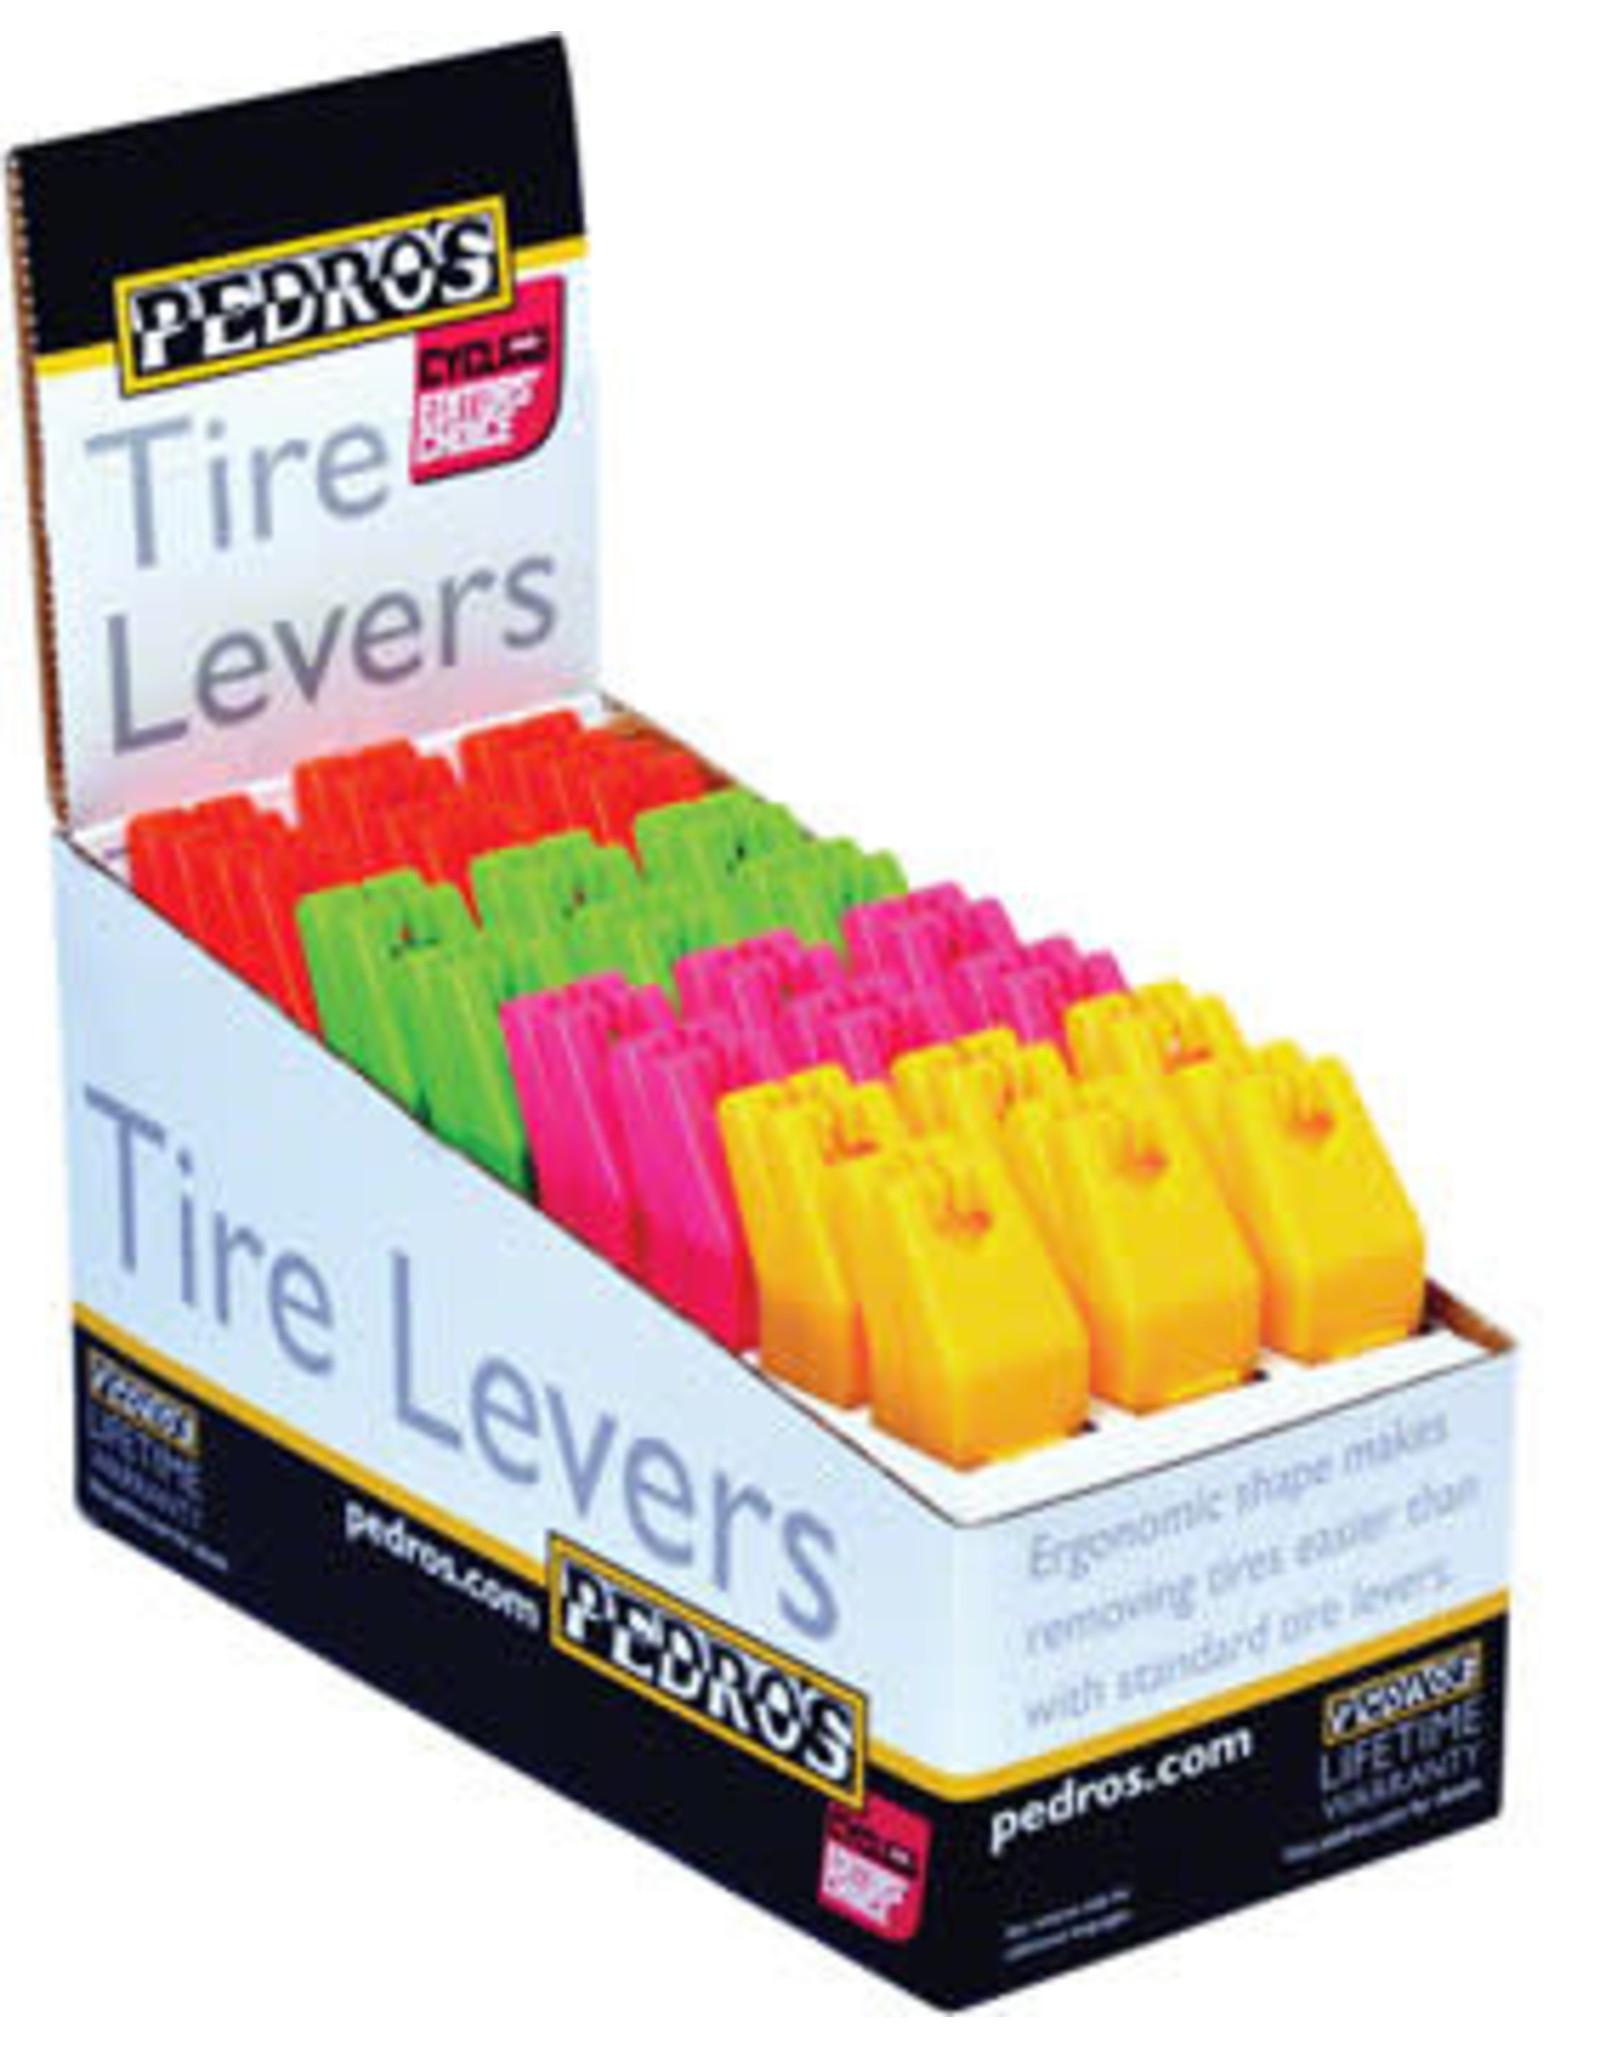 Pedros Tire lever Pedros - priced per pair - 4 colors